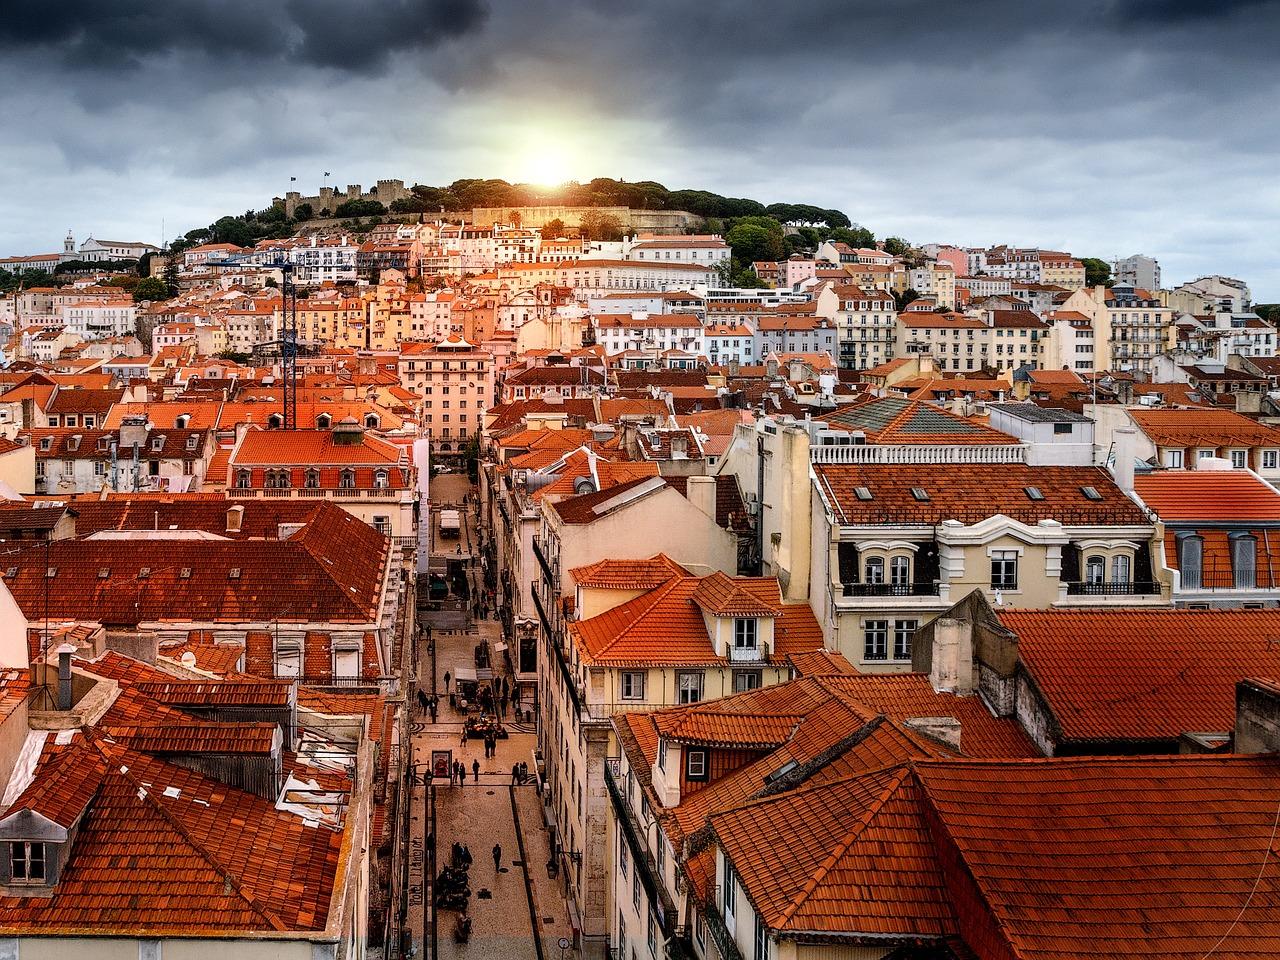 Calle de Lisboa, Portugal